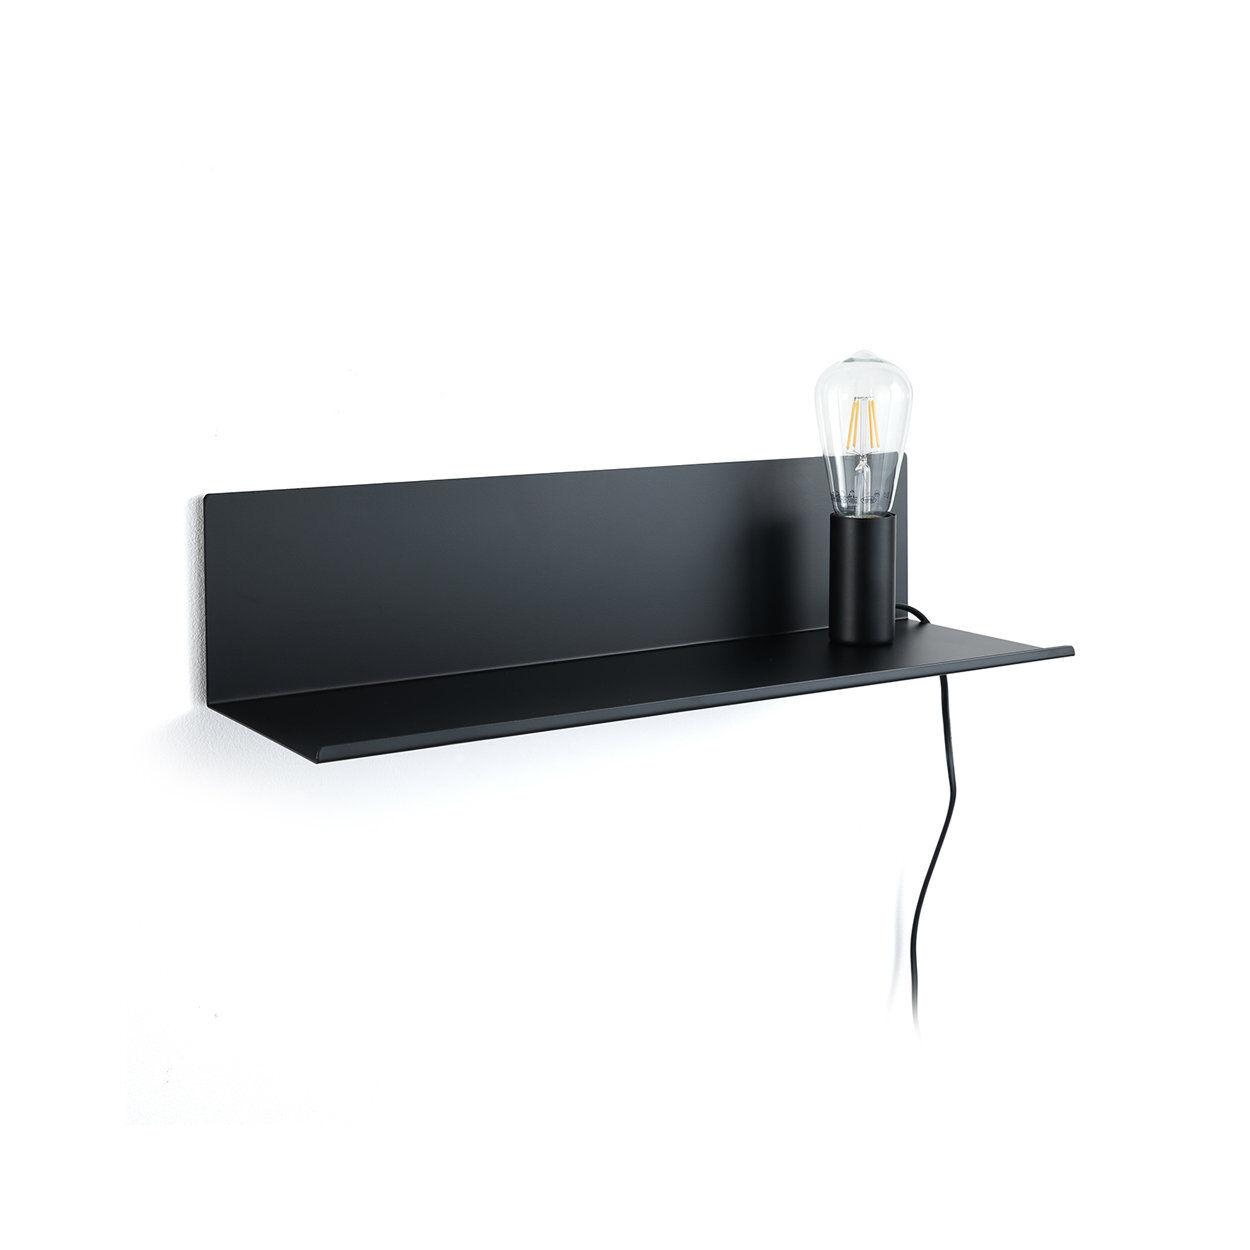 speciale luce by tomasucci lampada / mensola / comodino magic shelf, nero